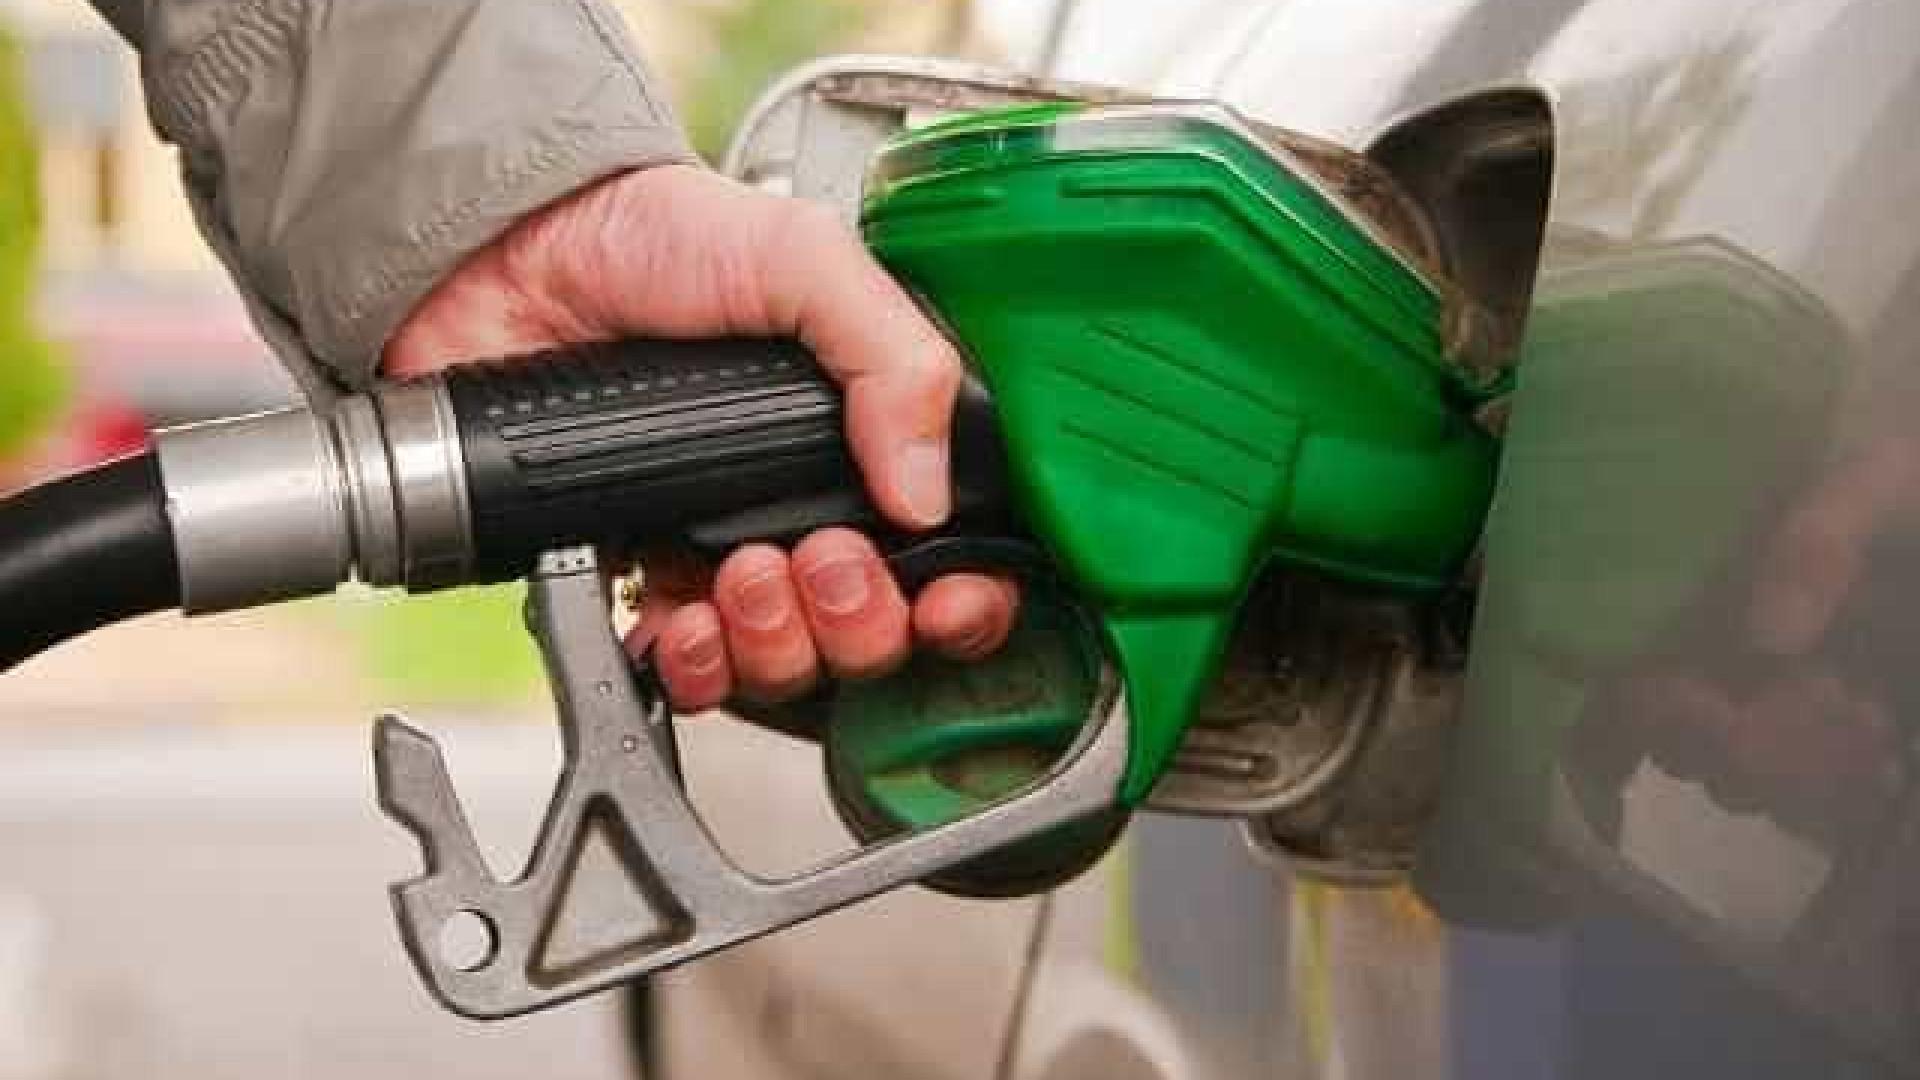 Preço do etanol cai em 6 Estados e no DF, sobe em 19 e fica estável no AP